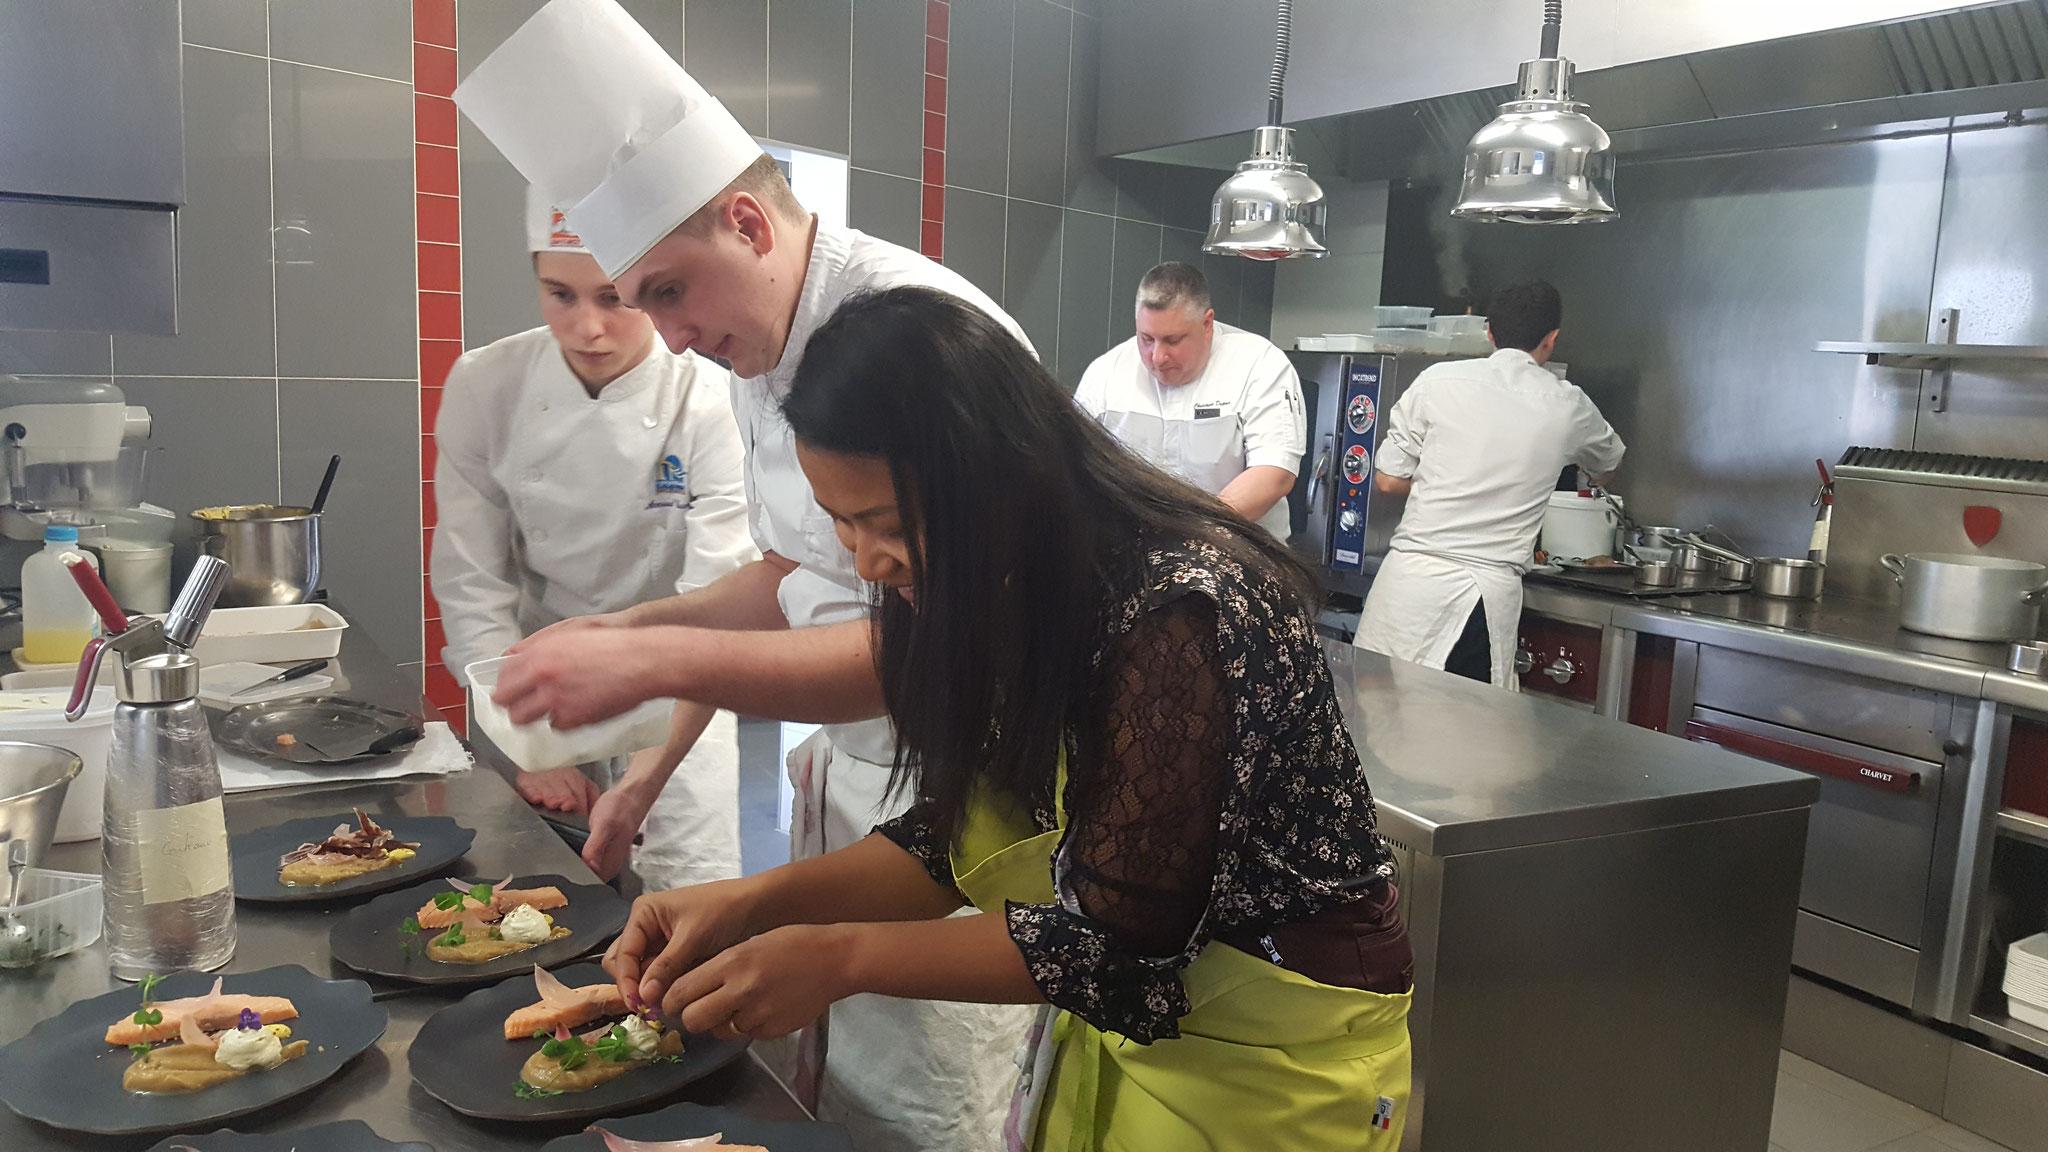 Suwanna en cuisine au restaurant les Clefs d'Argent